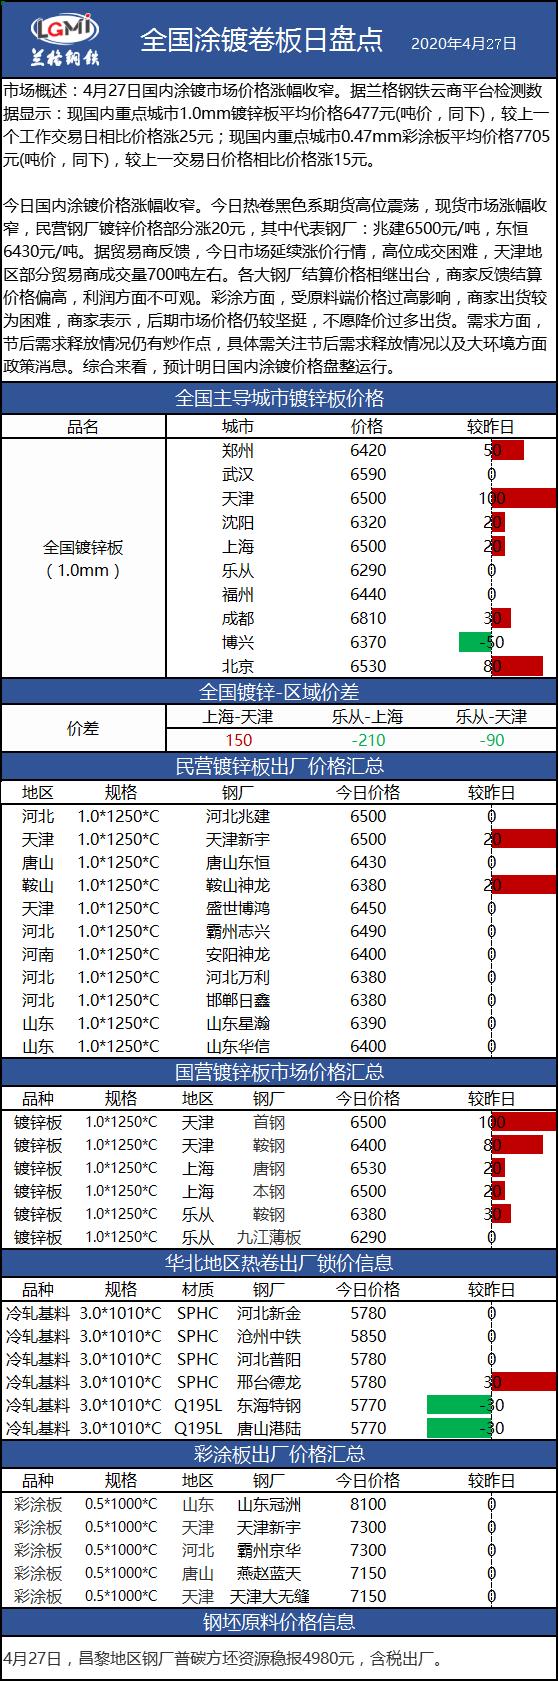 兰格涂镀板卷日盘点(4.27):涂镀价格涨幅收窄 市场成交一般